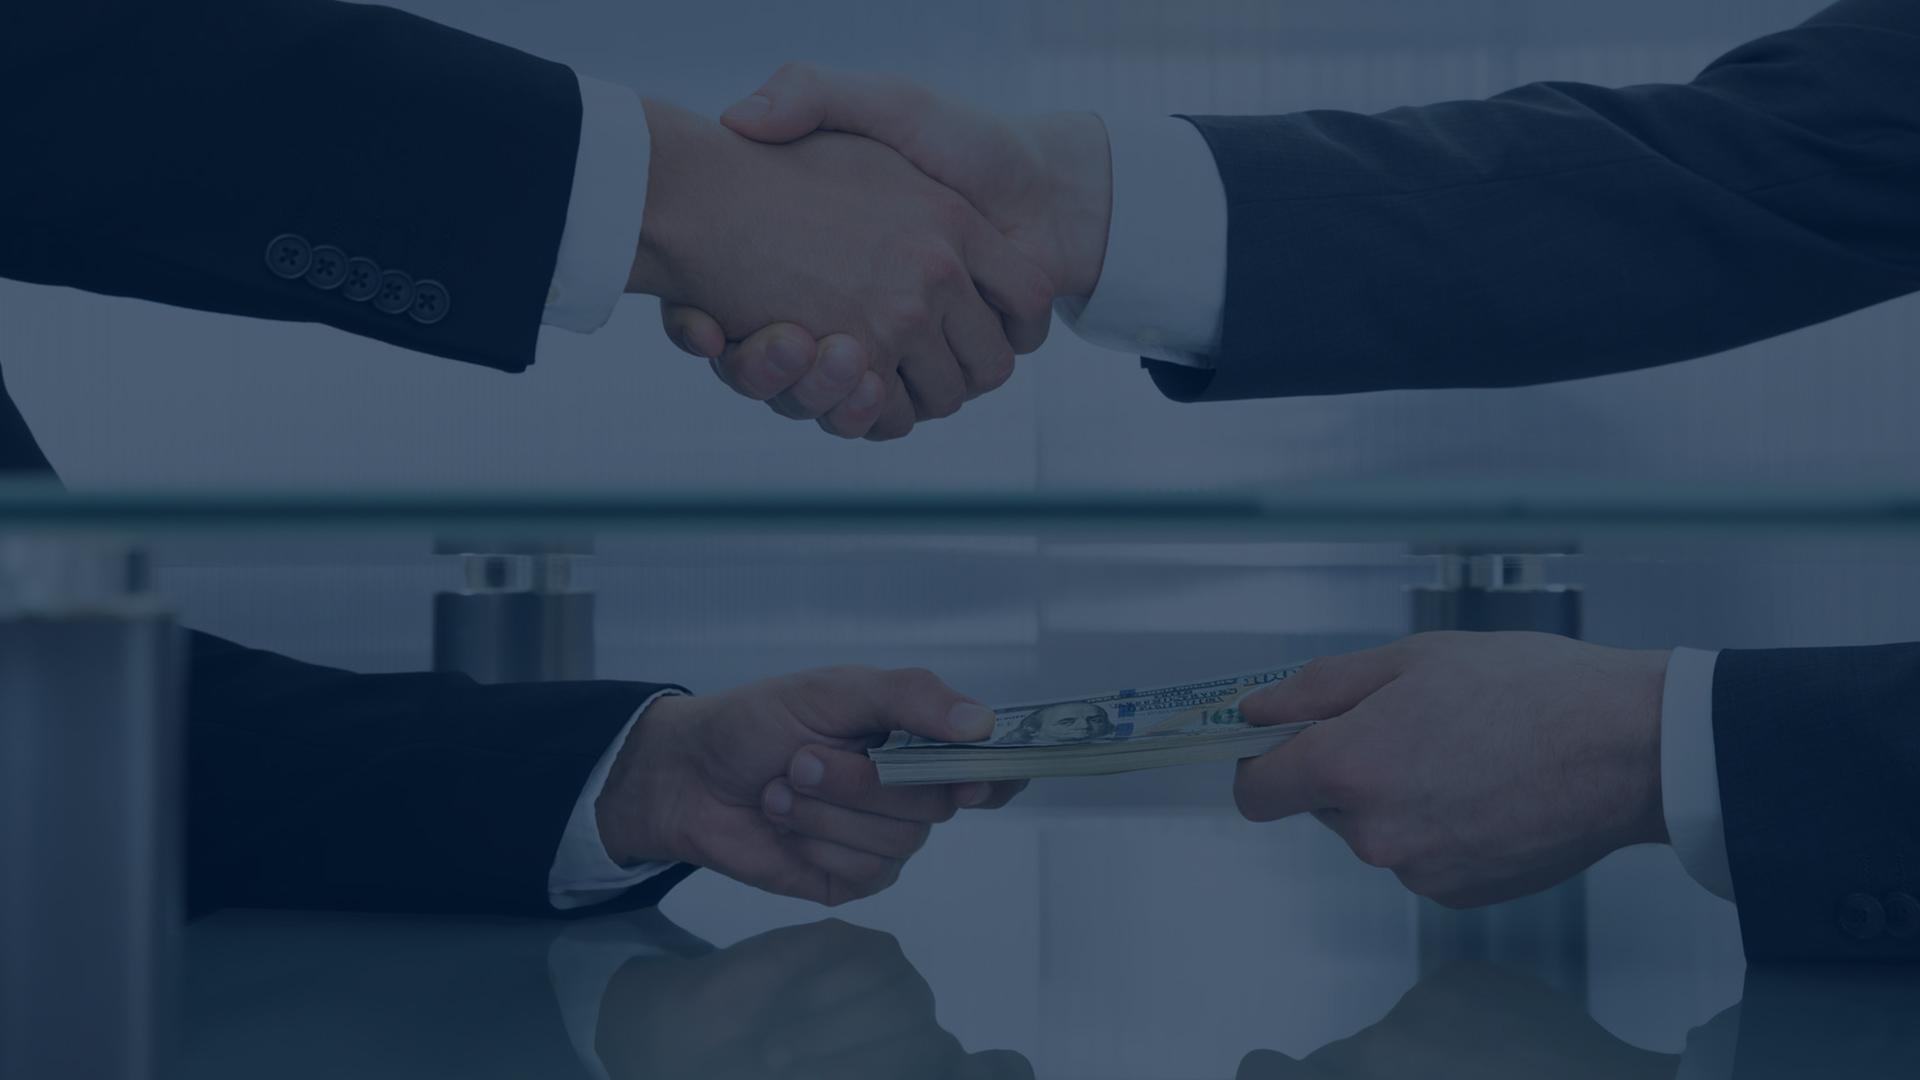 Le dirigeant face au risque de corruption dans l'entreprise